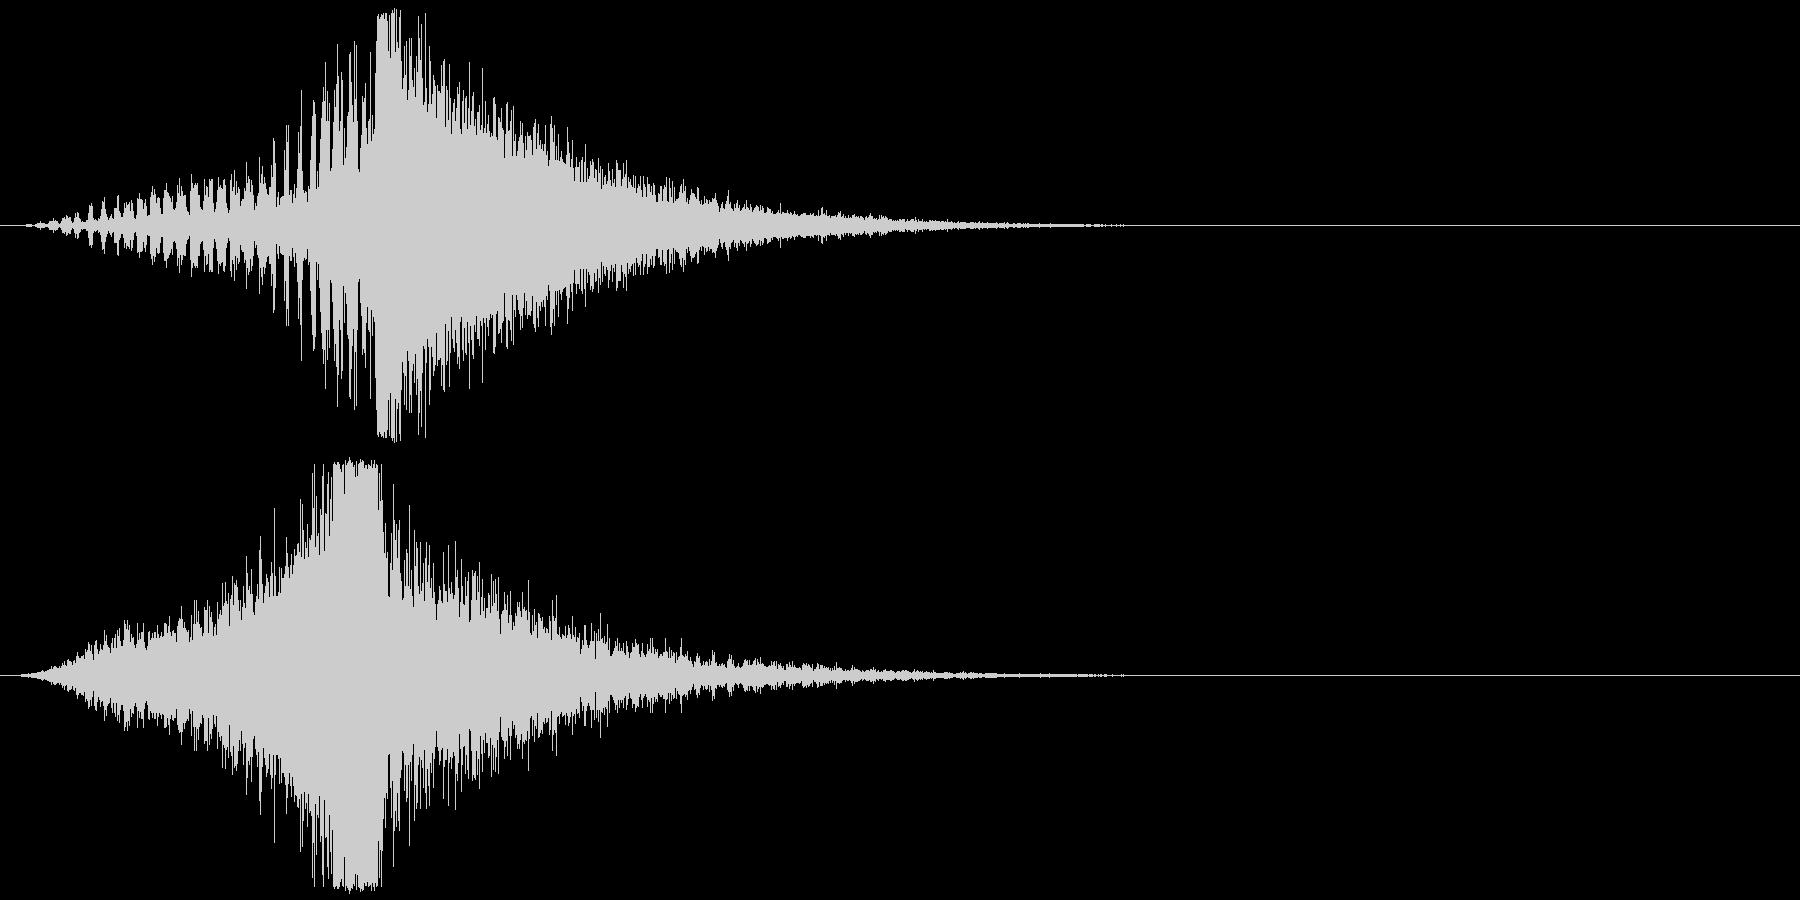 宇宙船・飛翔体#3通過 右〜左の未再生の波形